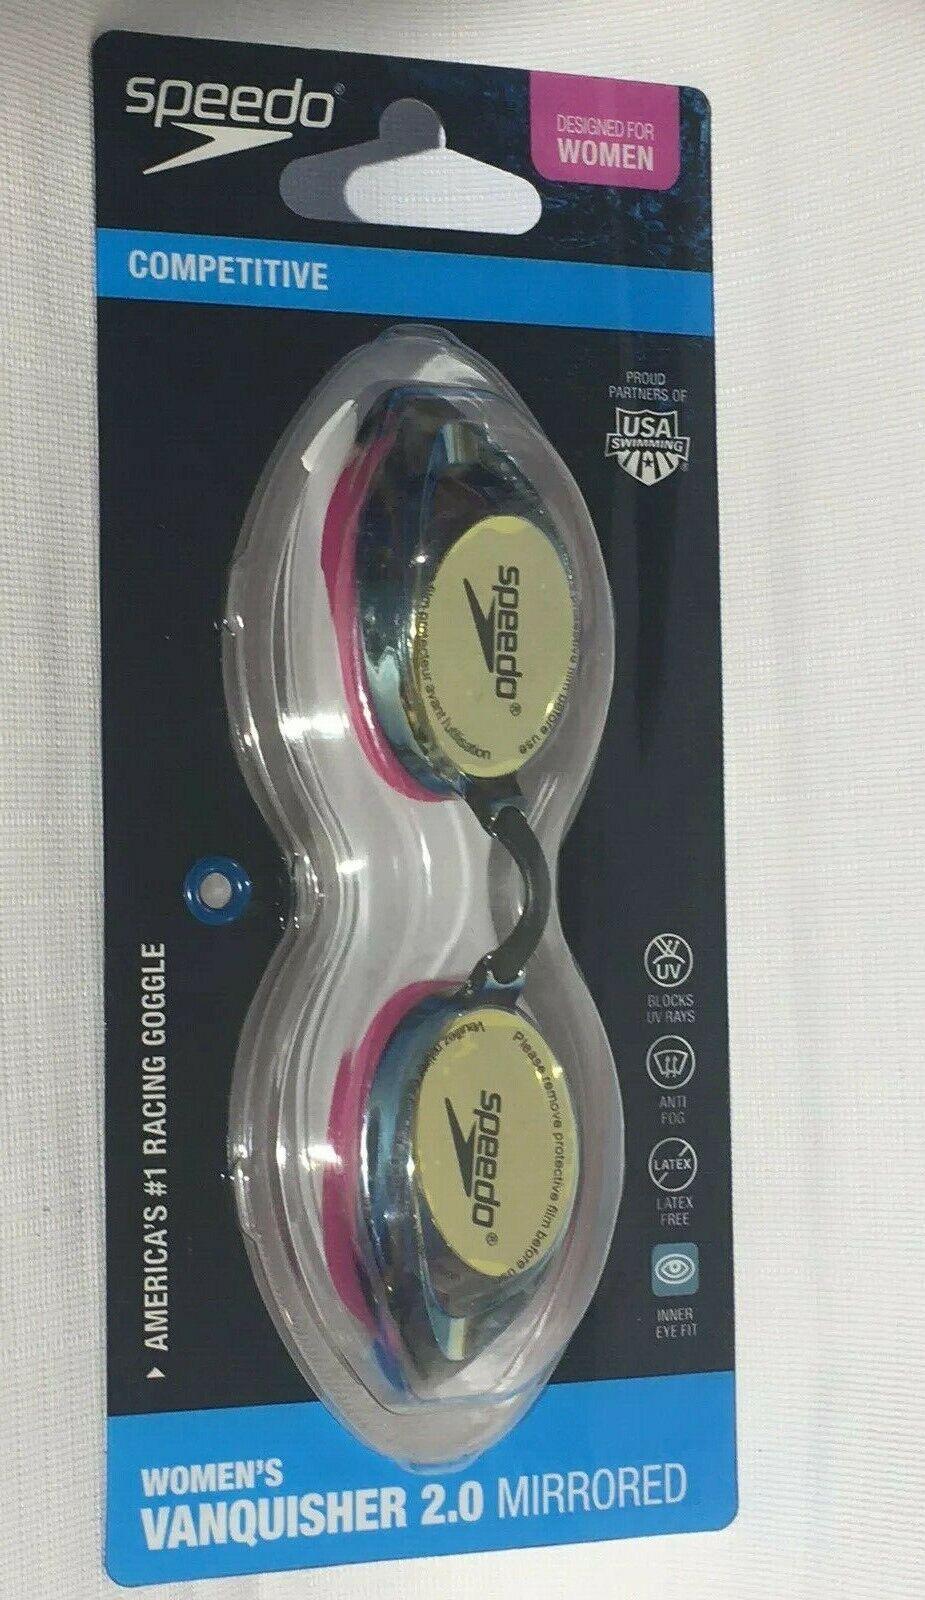 Speedo Women's Vanquisher 2.0 Mirrored Anti-Fog Swim Goggles